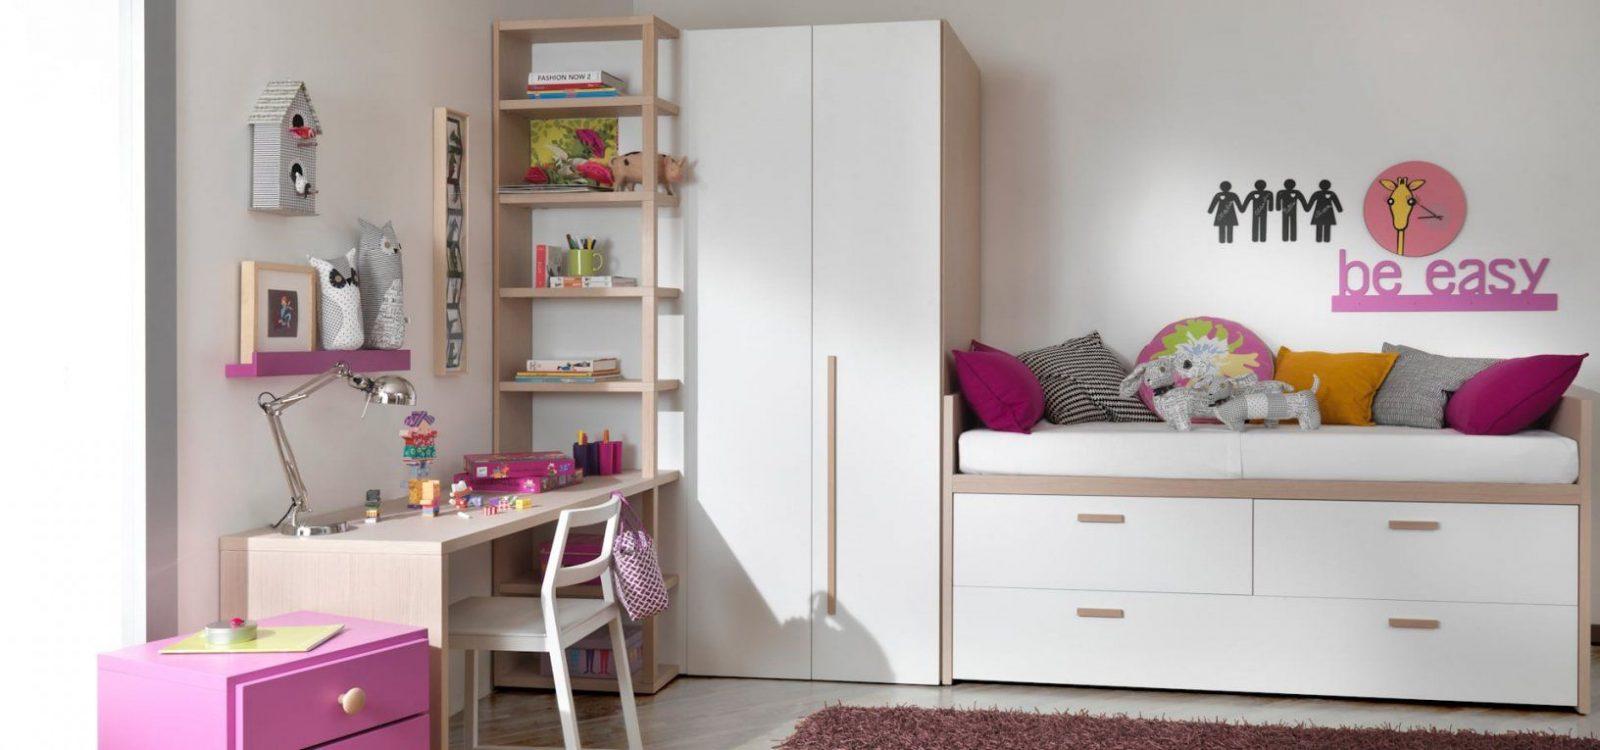 Aussergewöhnliche Hochbettenmobimio  Räume Für Kinder  Homify von Hochbett Mit Viel Stauraum Photo